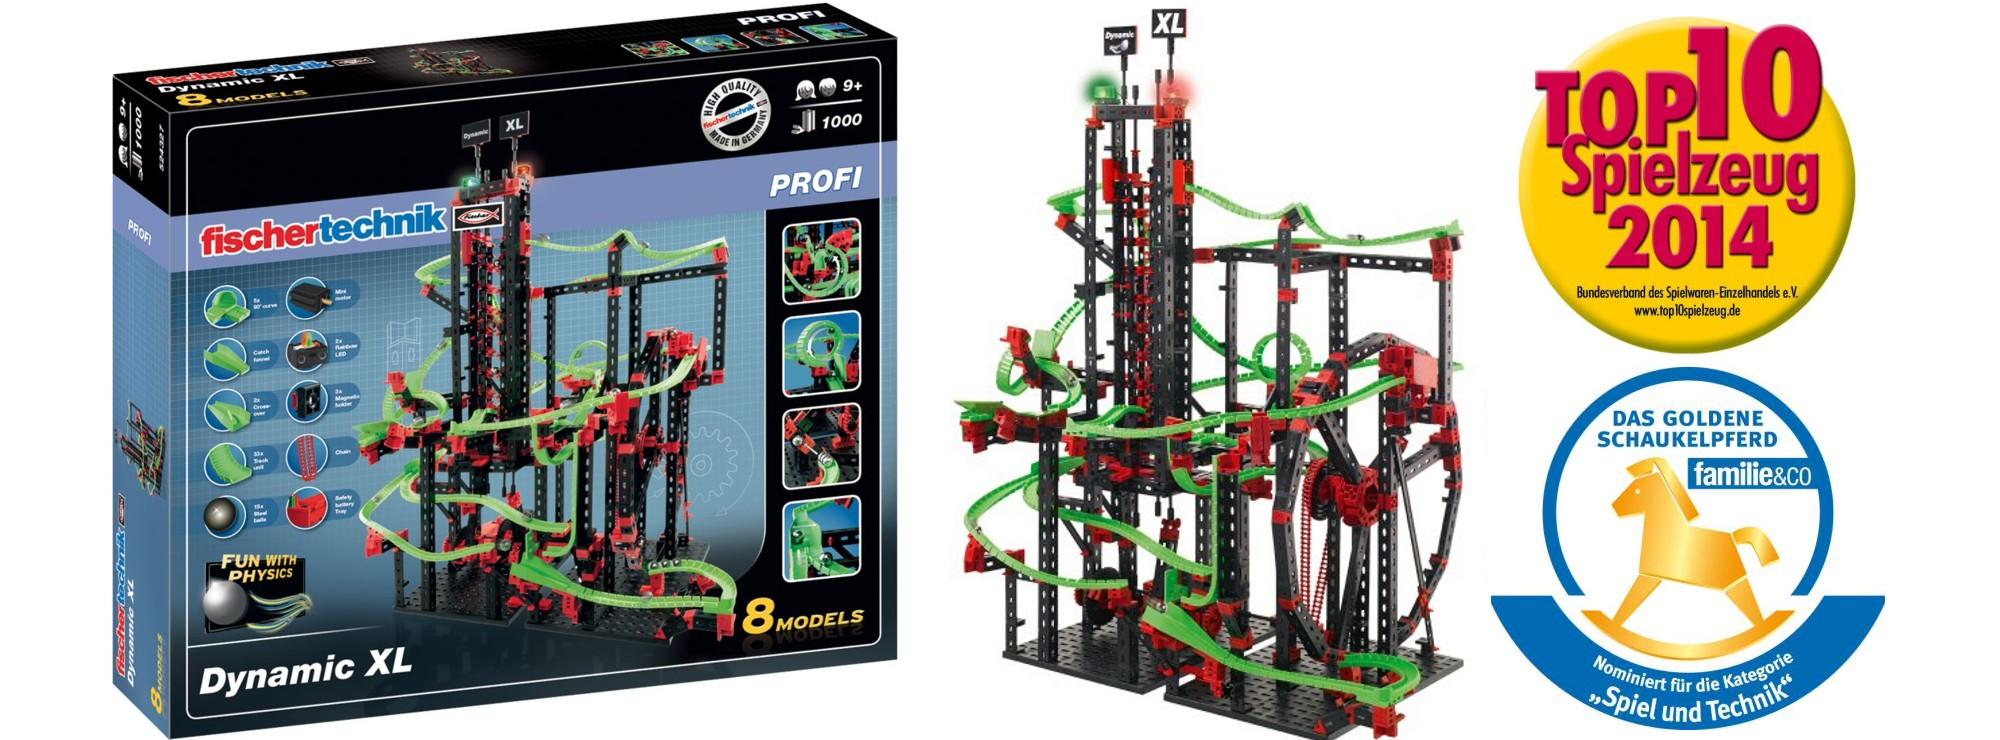 fischertechnik 524327 Dynamic XL günstig kaufen Baukästen & Konstruktionsspielzeug